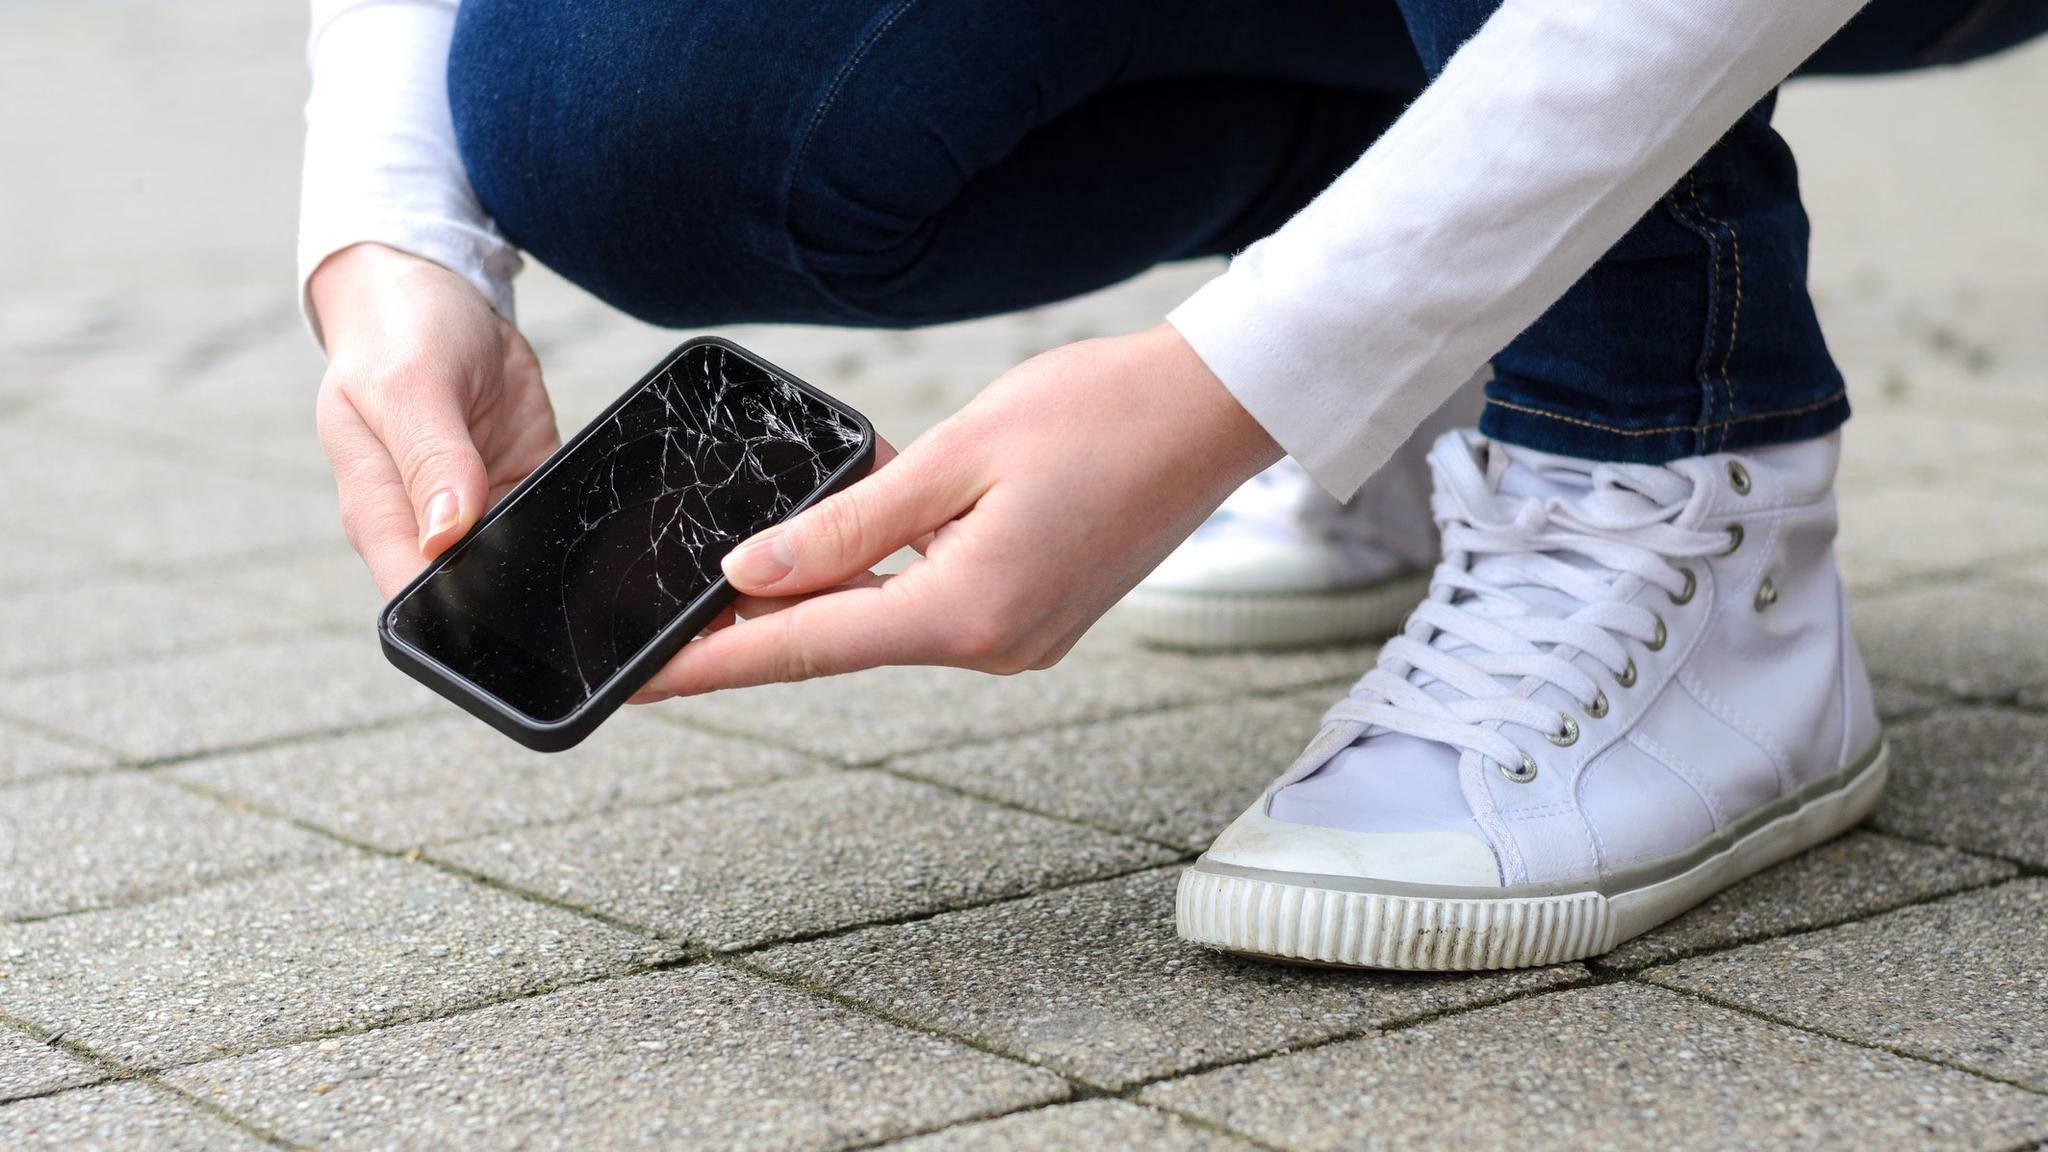 Android-Smartphone kaputt? Die Daten kannst Du trotzdem noch retten.